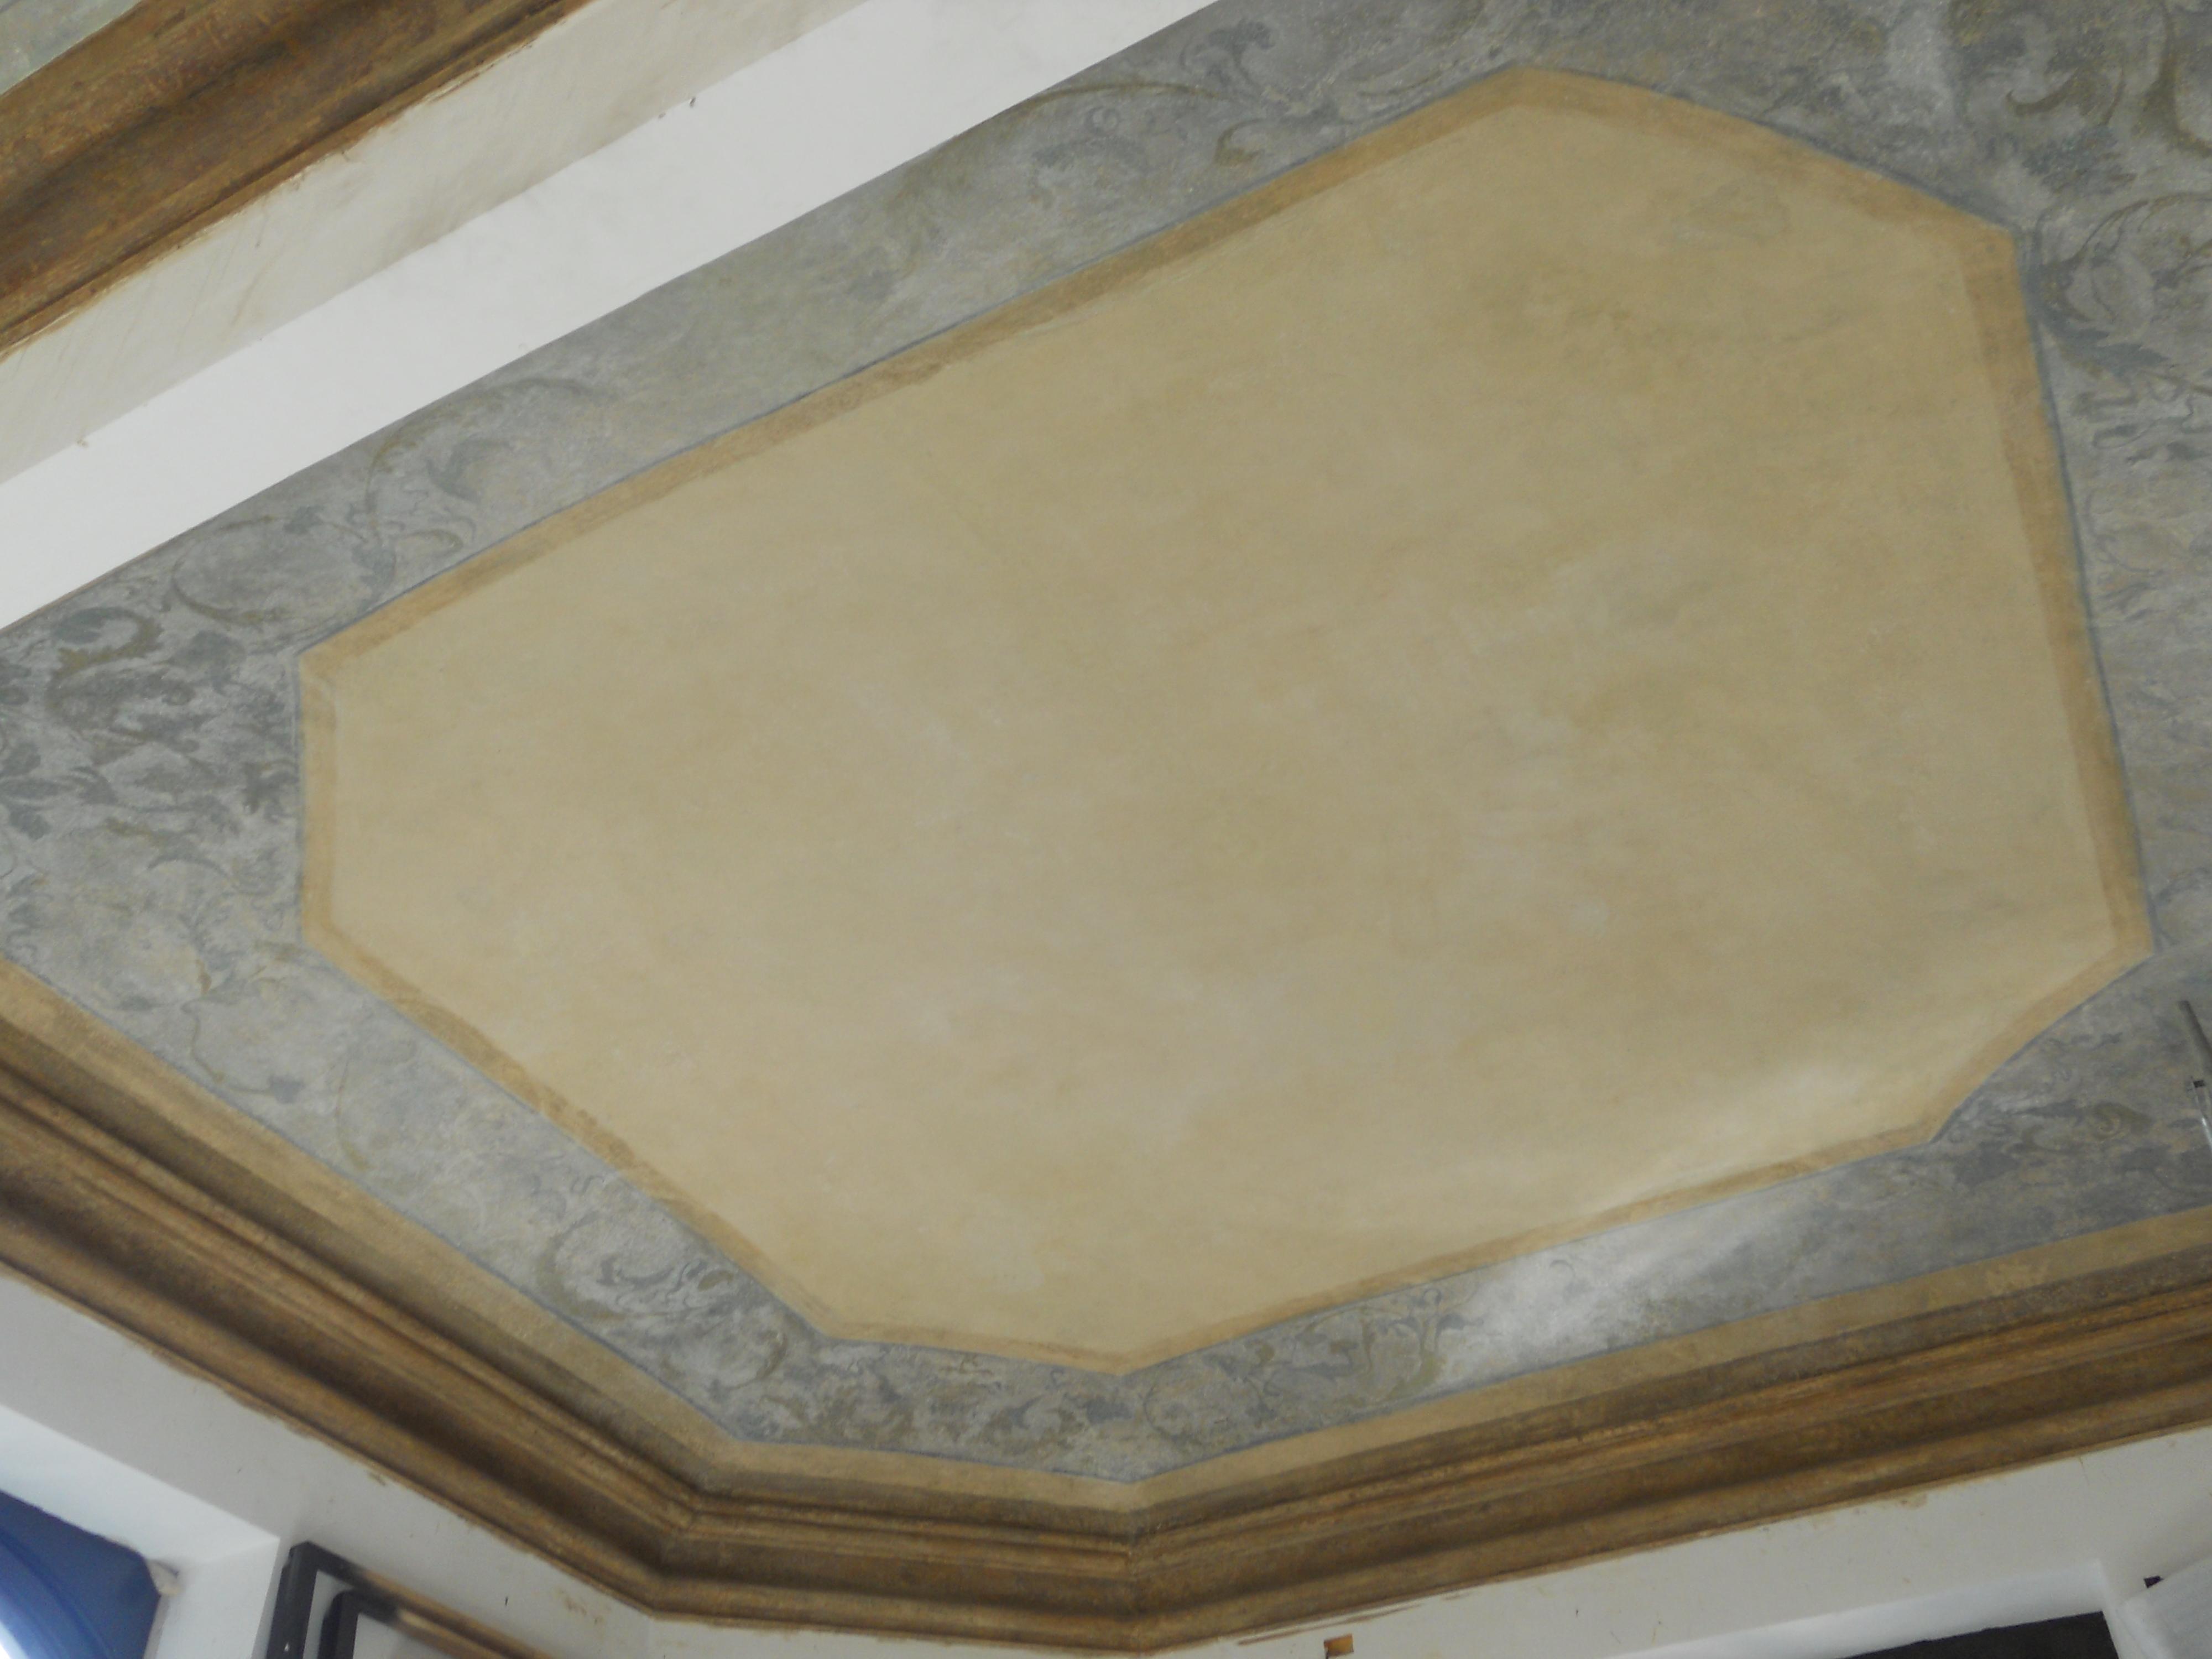 Soffitti decorati e lignei u f f artedelrestauro